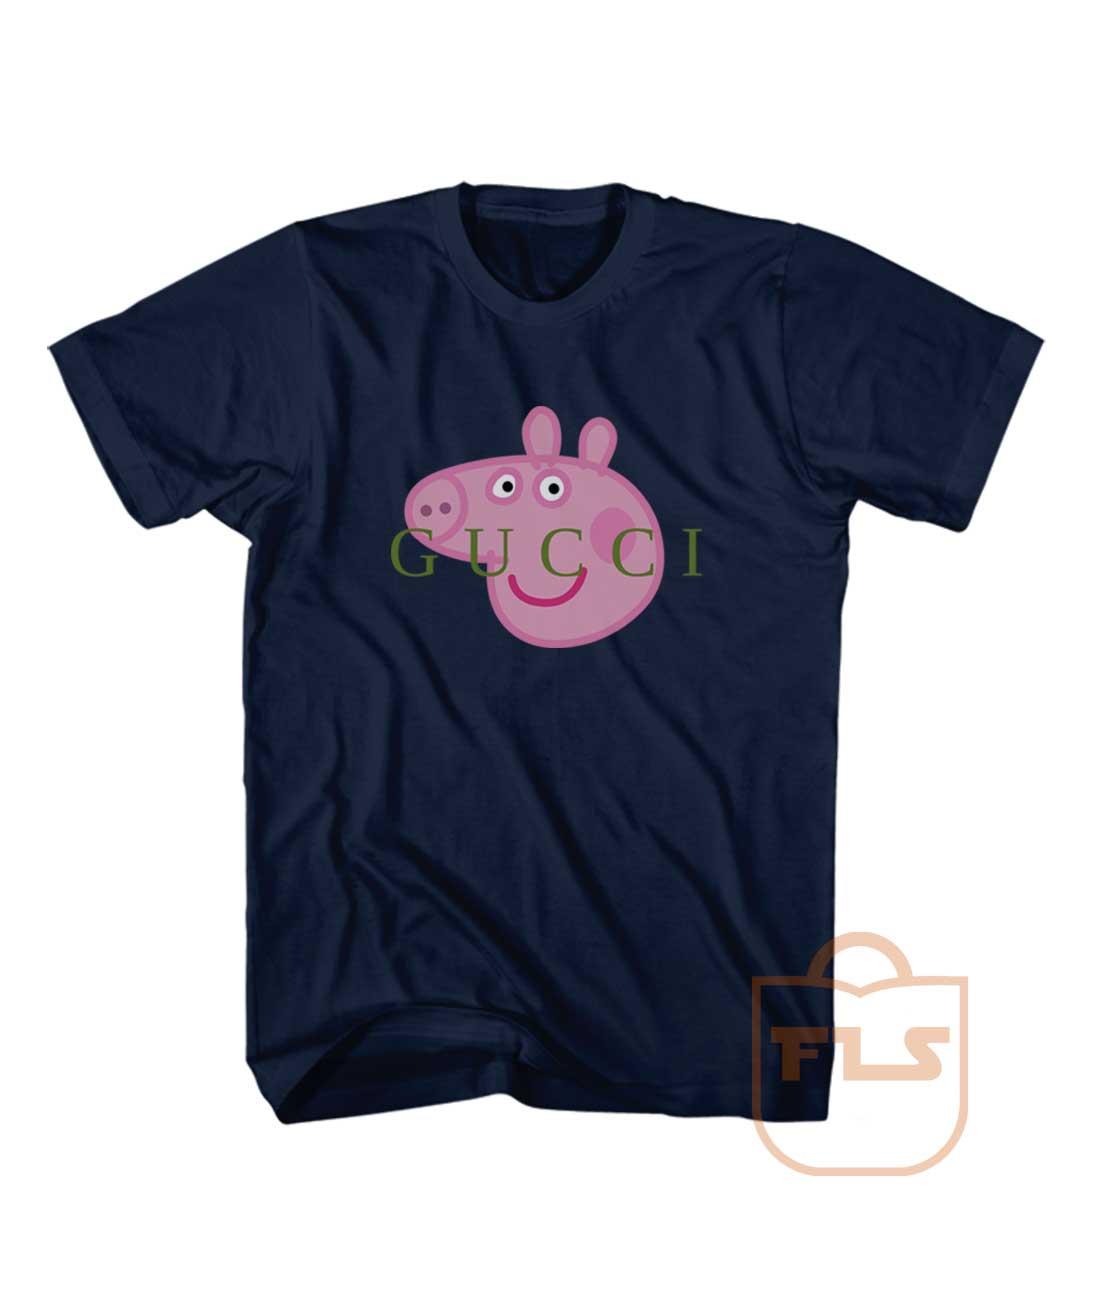 0373c77fe720 Peppa Pig GC Custom T Shirt - Ferolos.com - Ferolos.com